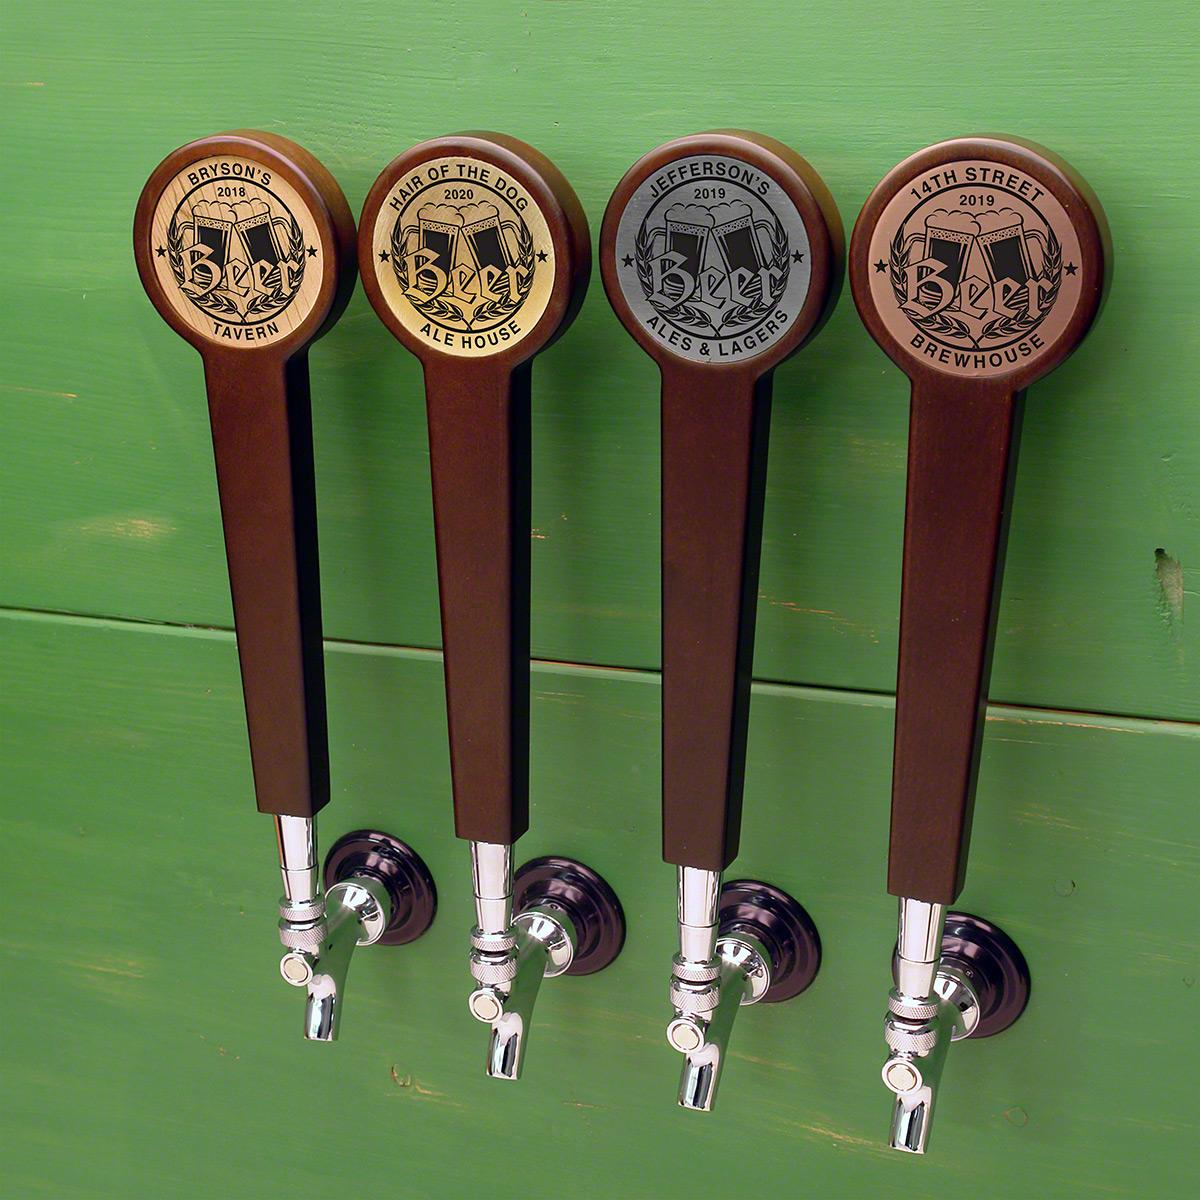 Bierhaus Custom Beer Tap Handle 4 Color Options